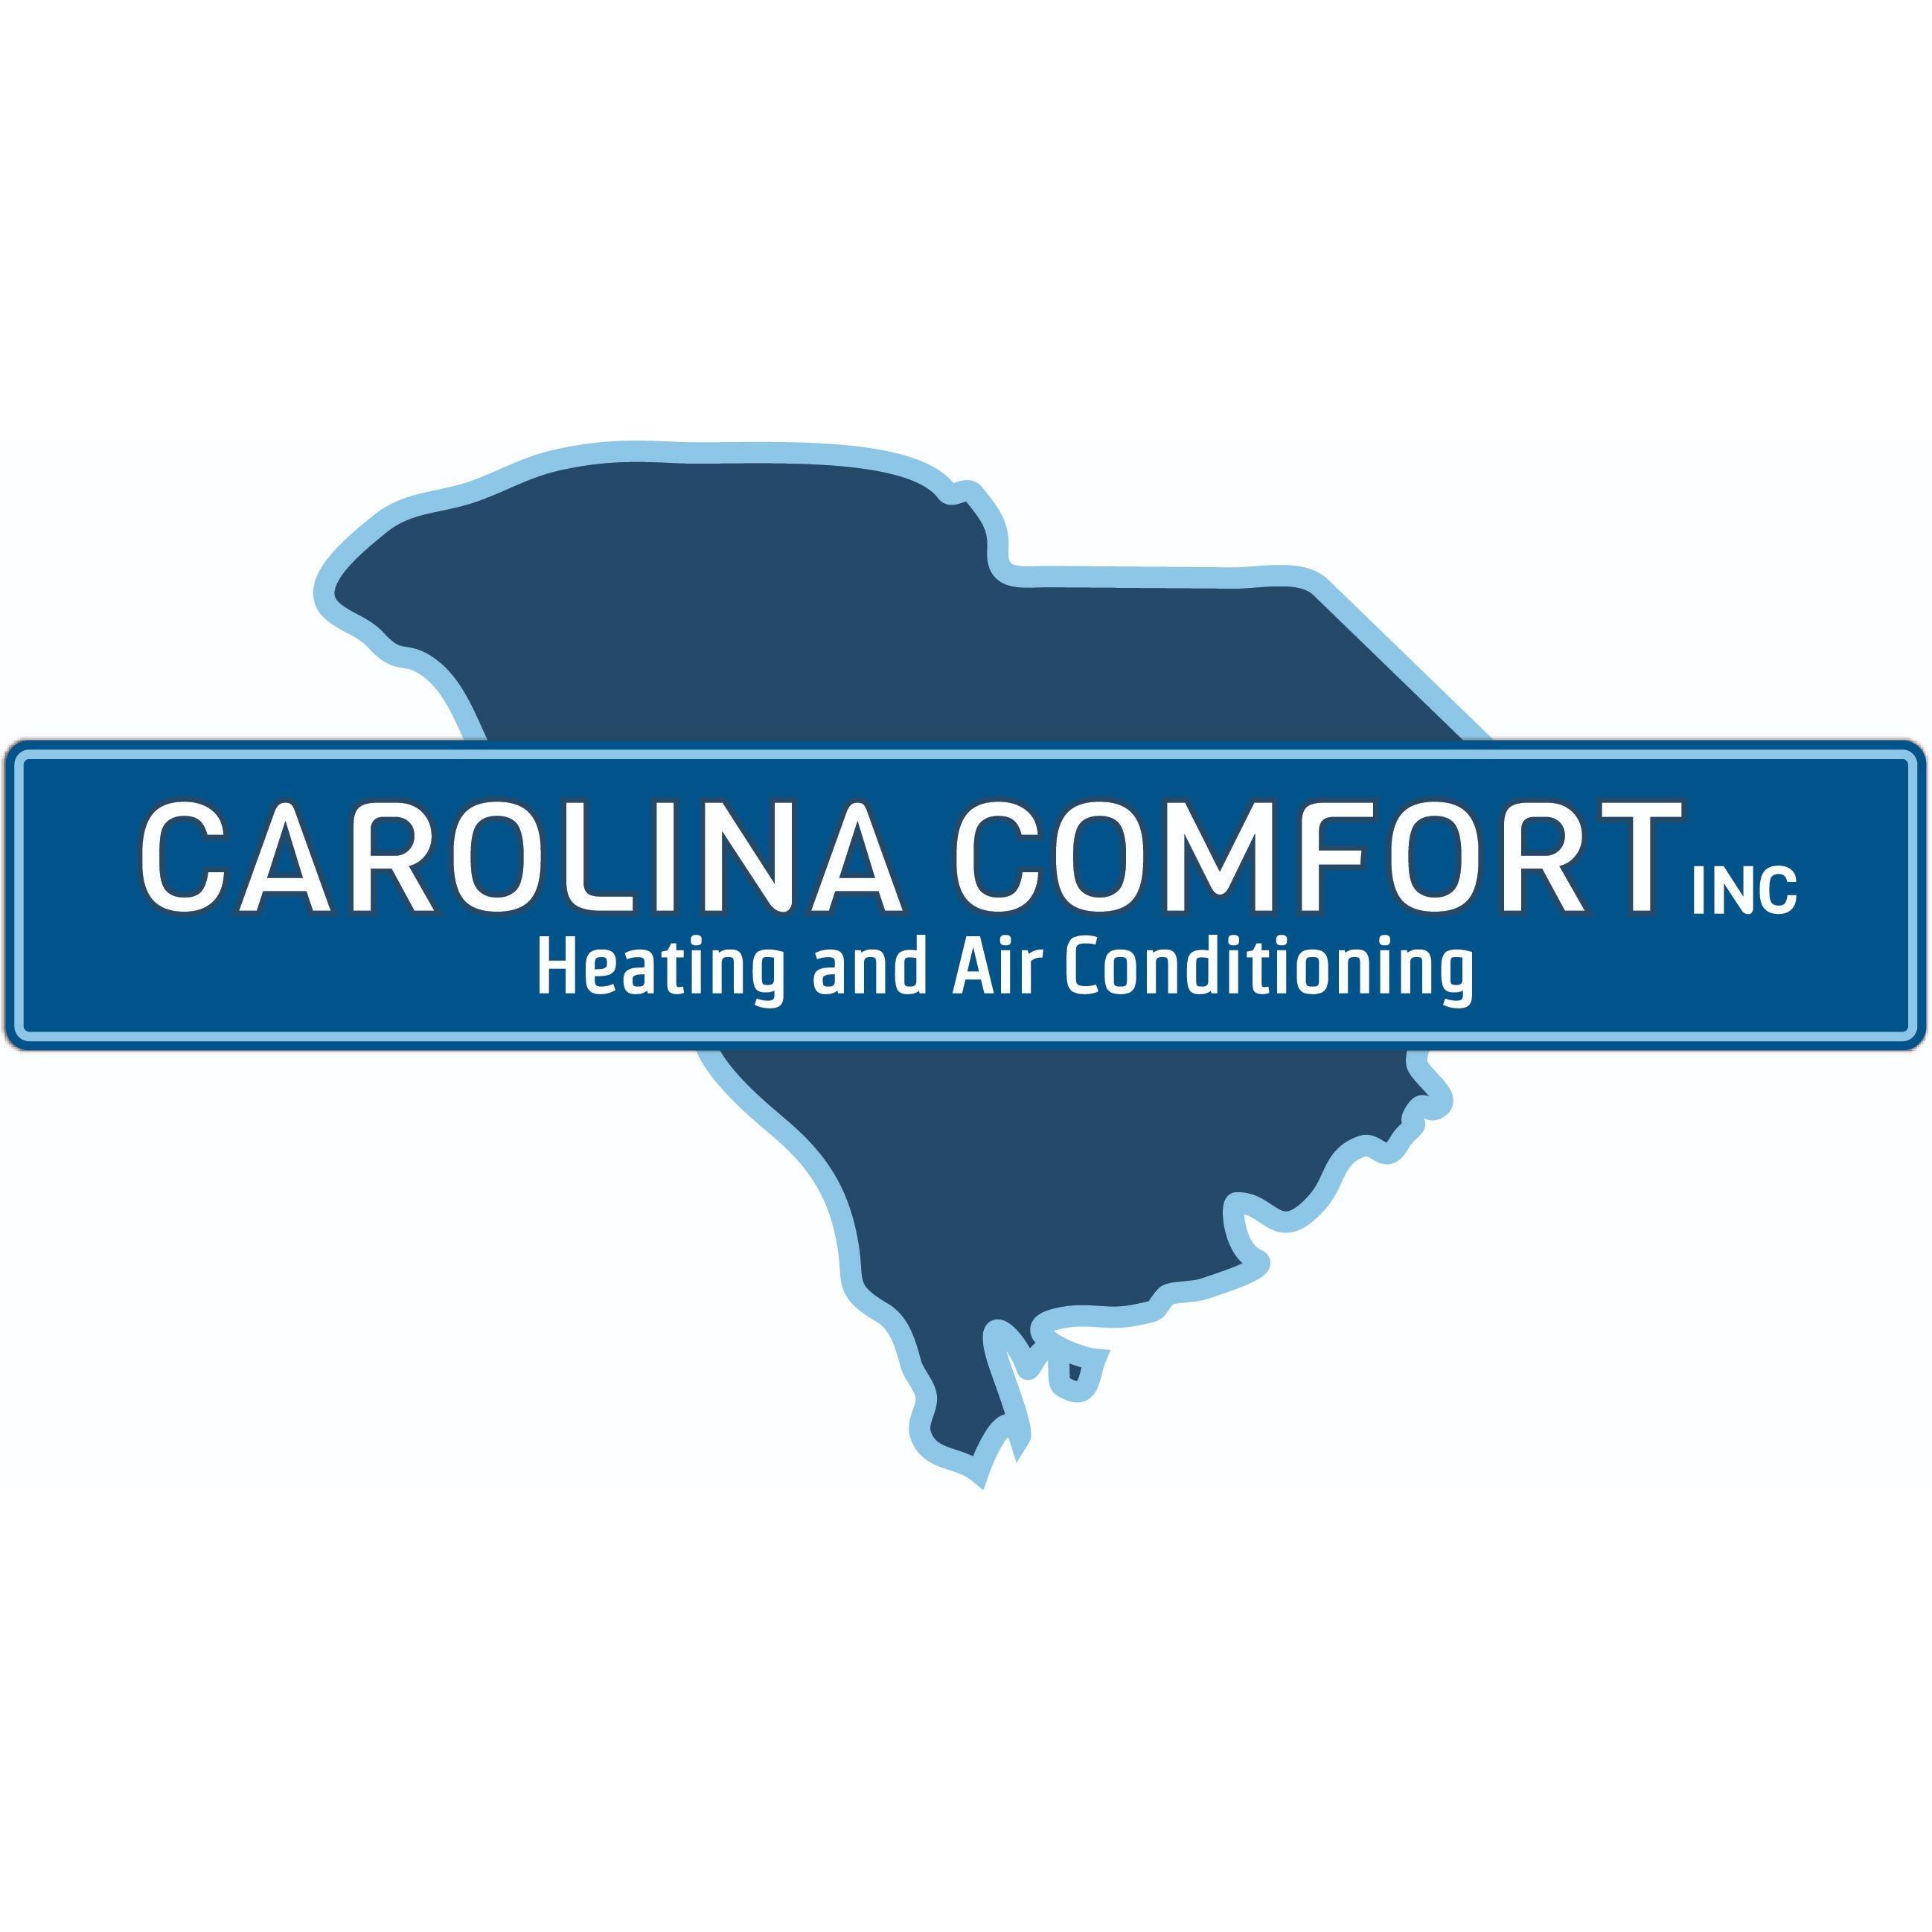 Carolina Comfort, Inc